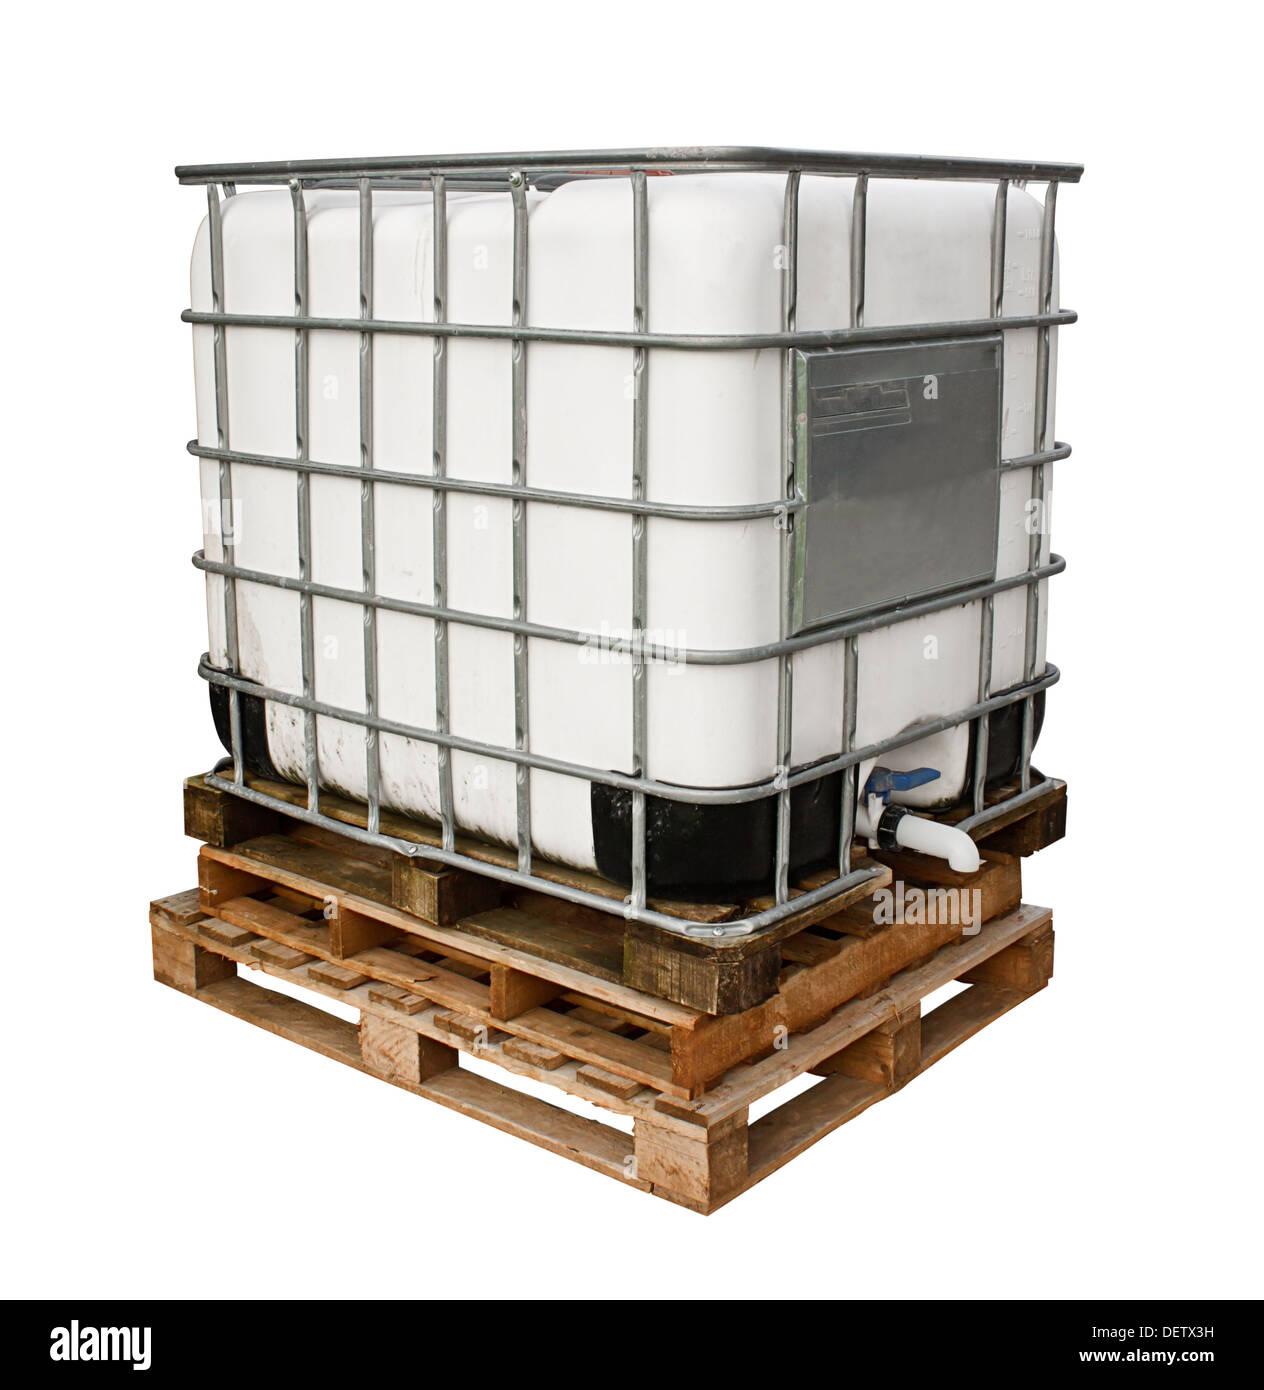 Chemikalien Behälter für die Schwerindustrie vor einem weißen Hintergrund isoliert Stockbild